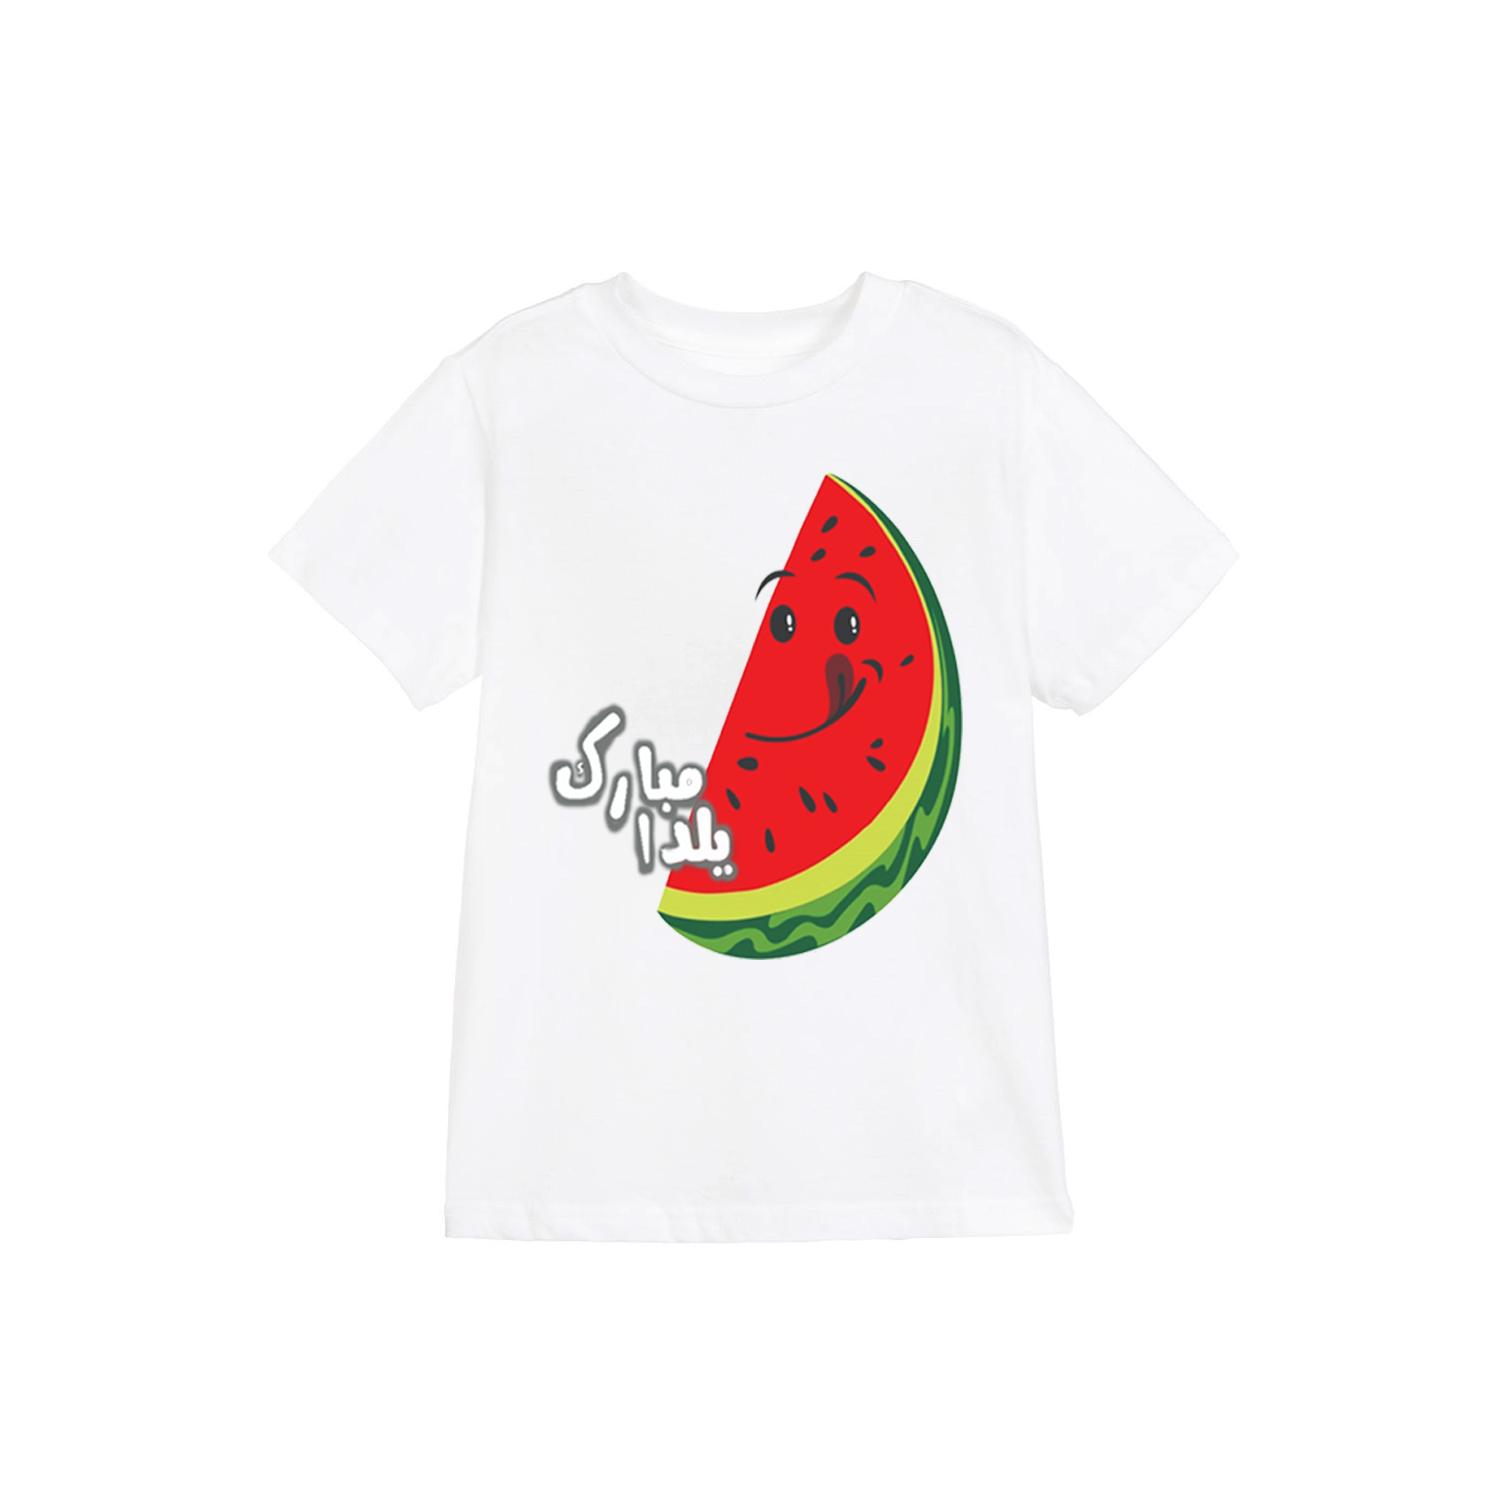 تی شرت طرح یلدا مدل 13 yalda